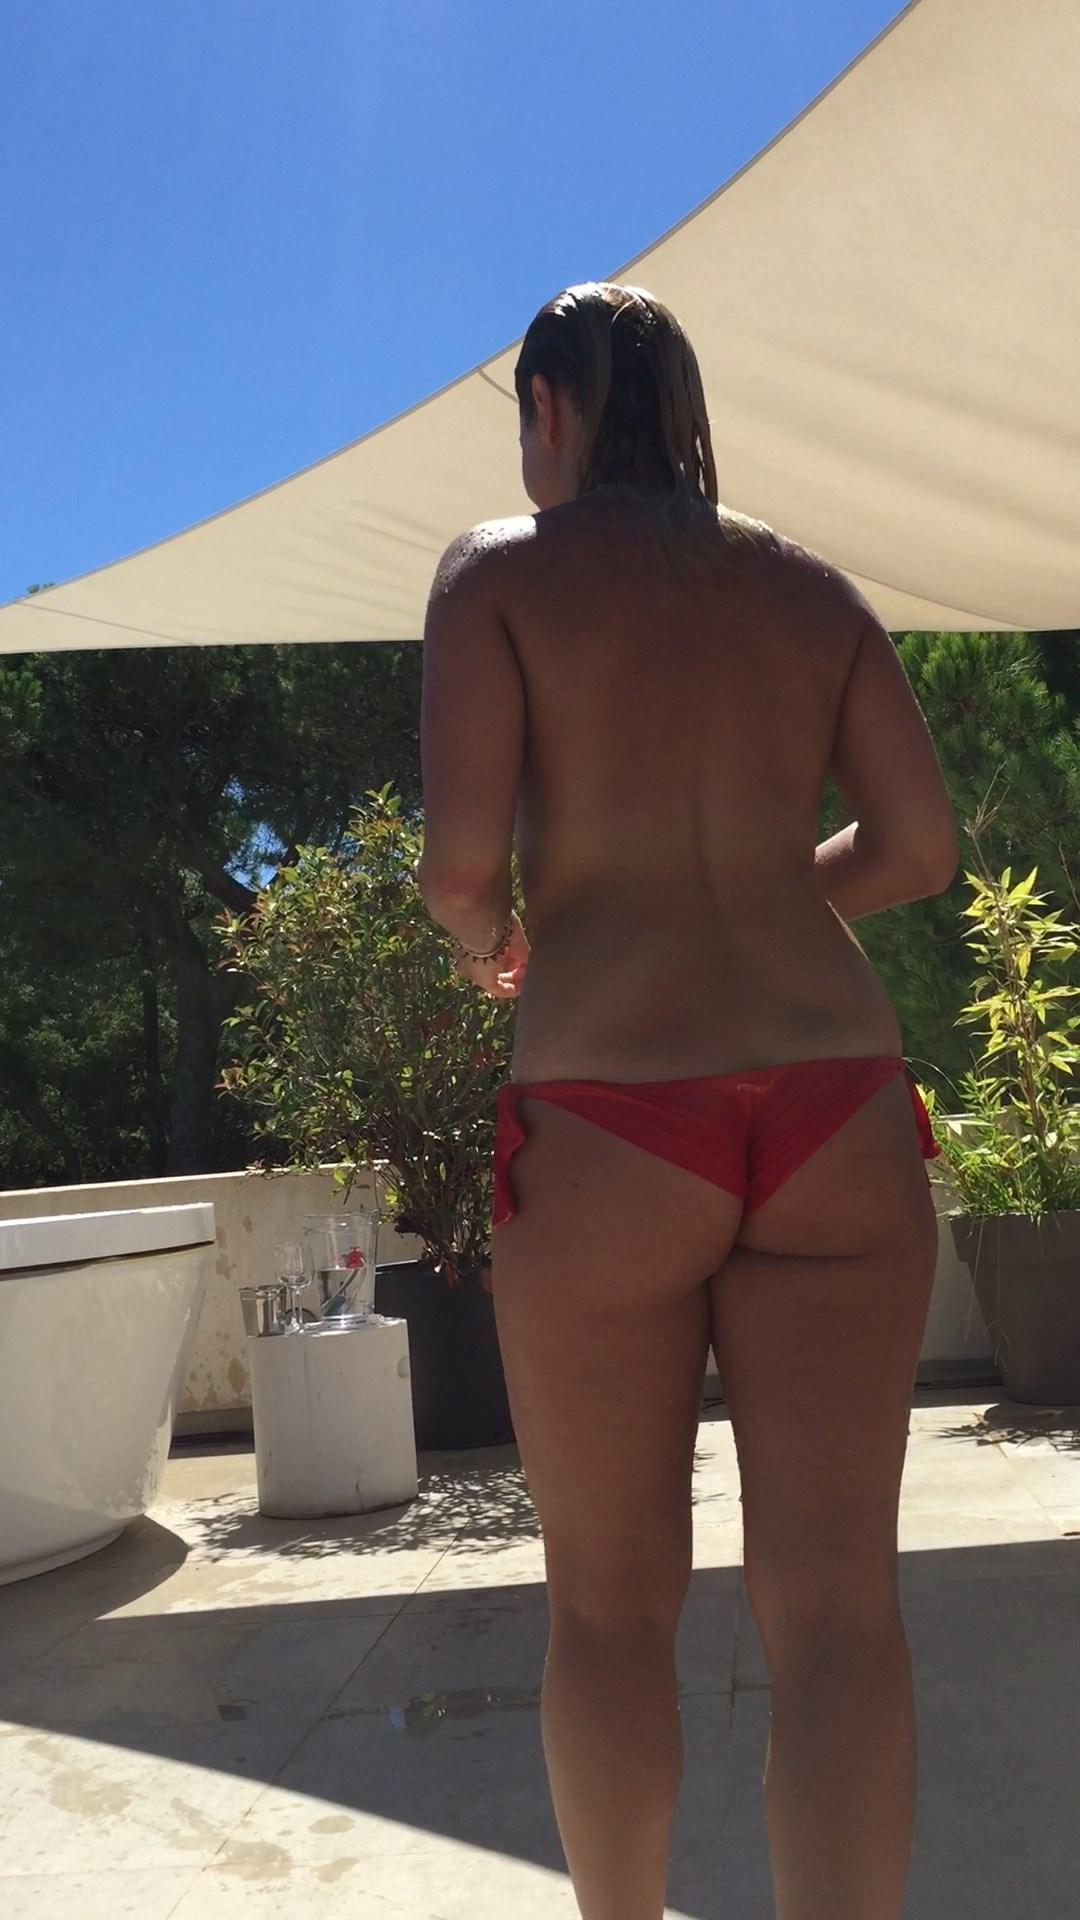 Priscilla Betti Nude Leaked The Fappening 0014